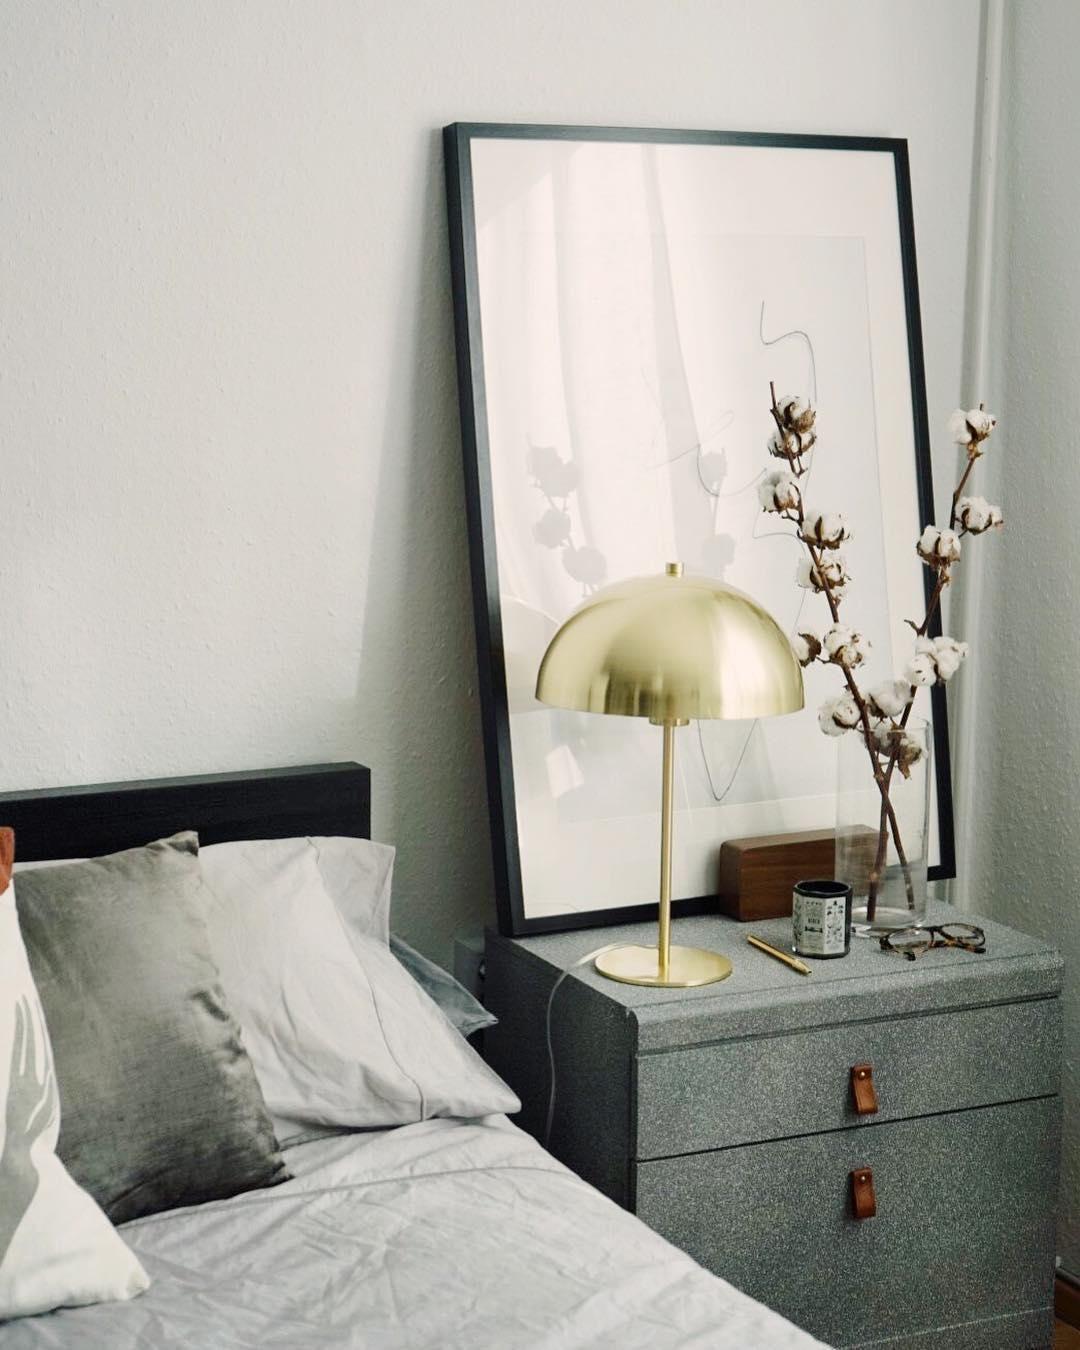 Tischleuchte Matilda Schlafzimmer deko dekoration, Dekor